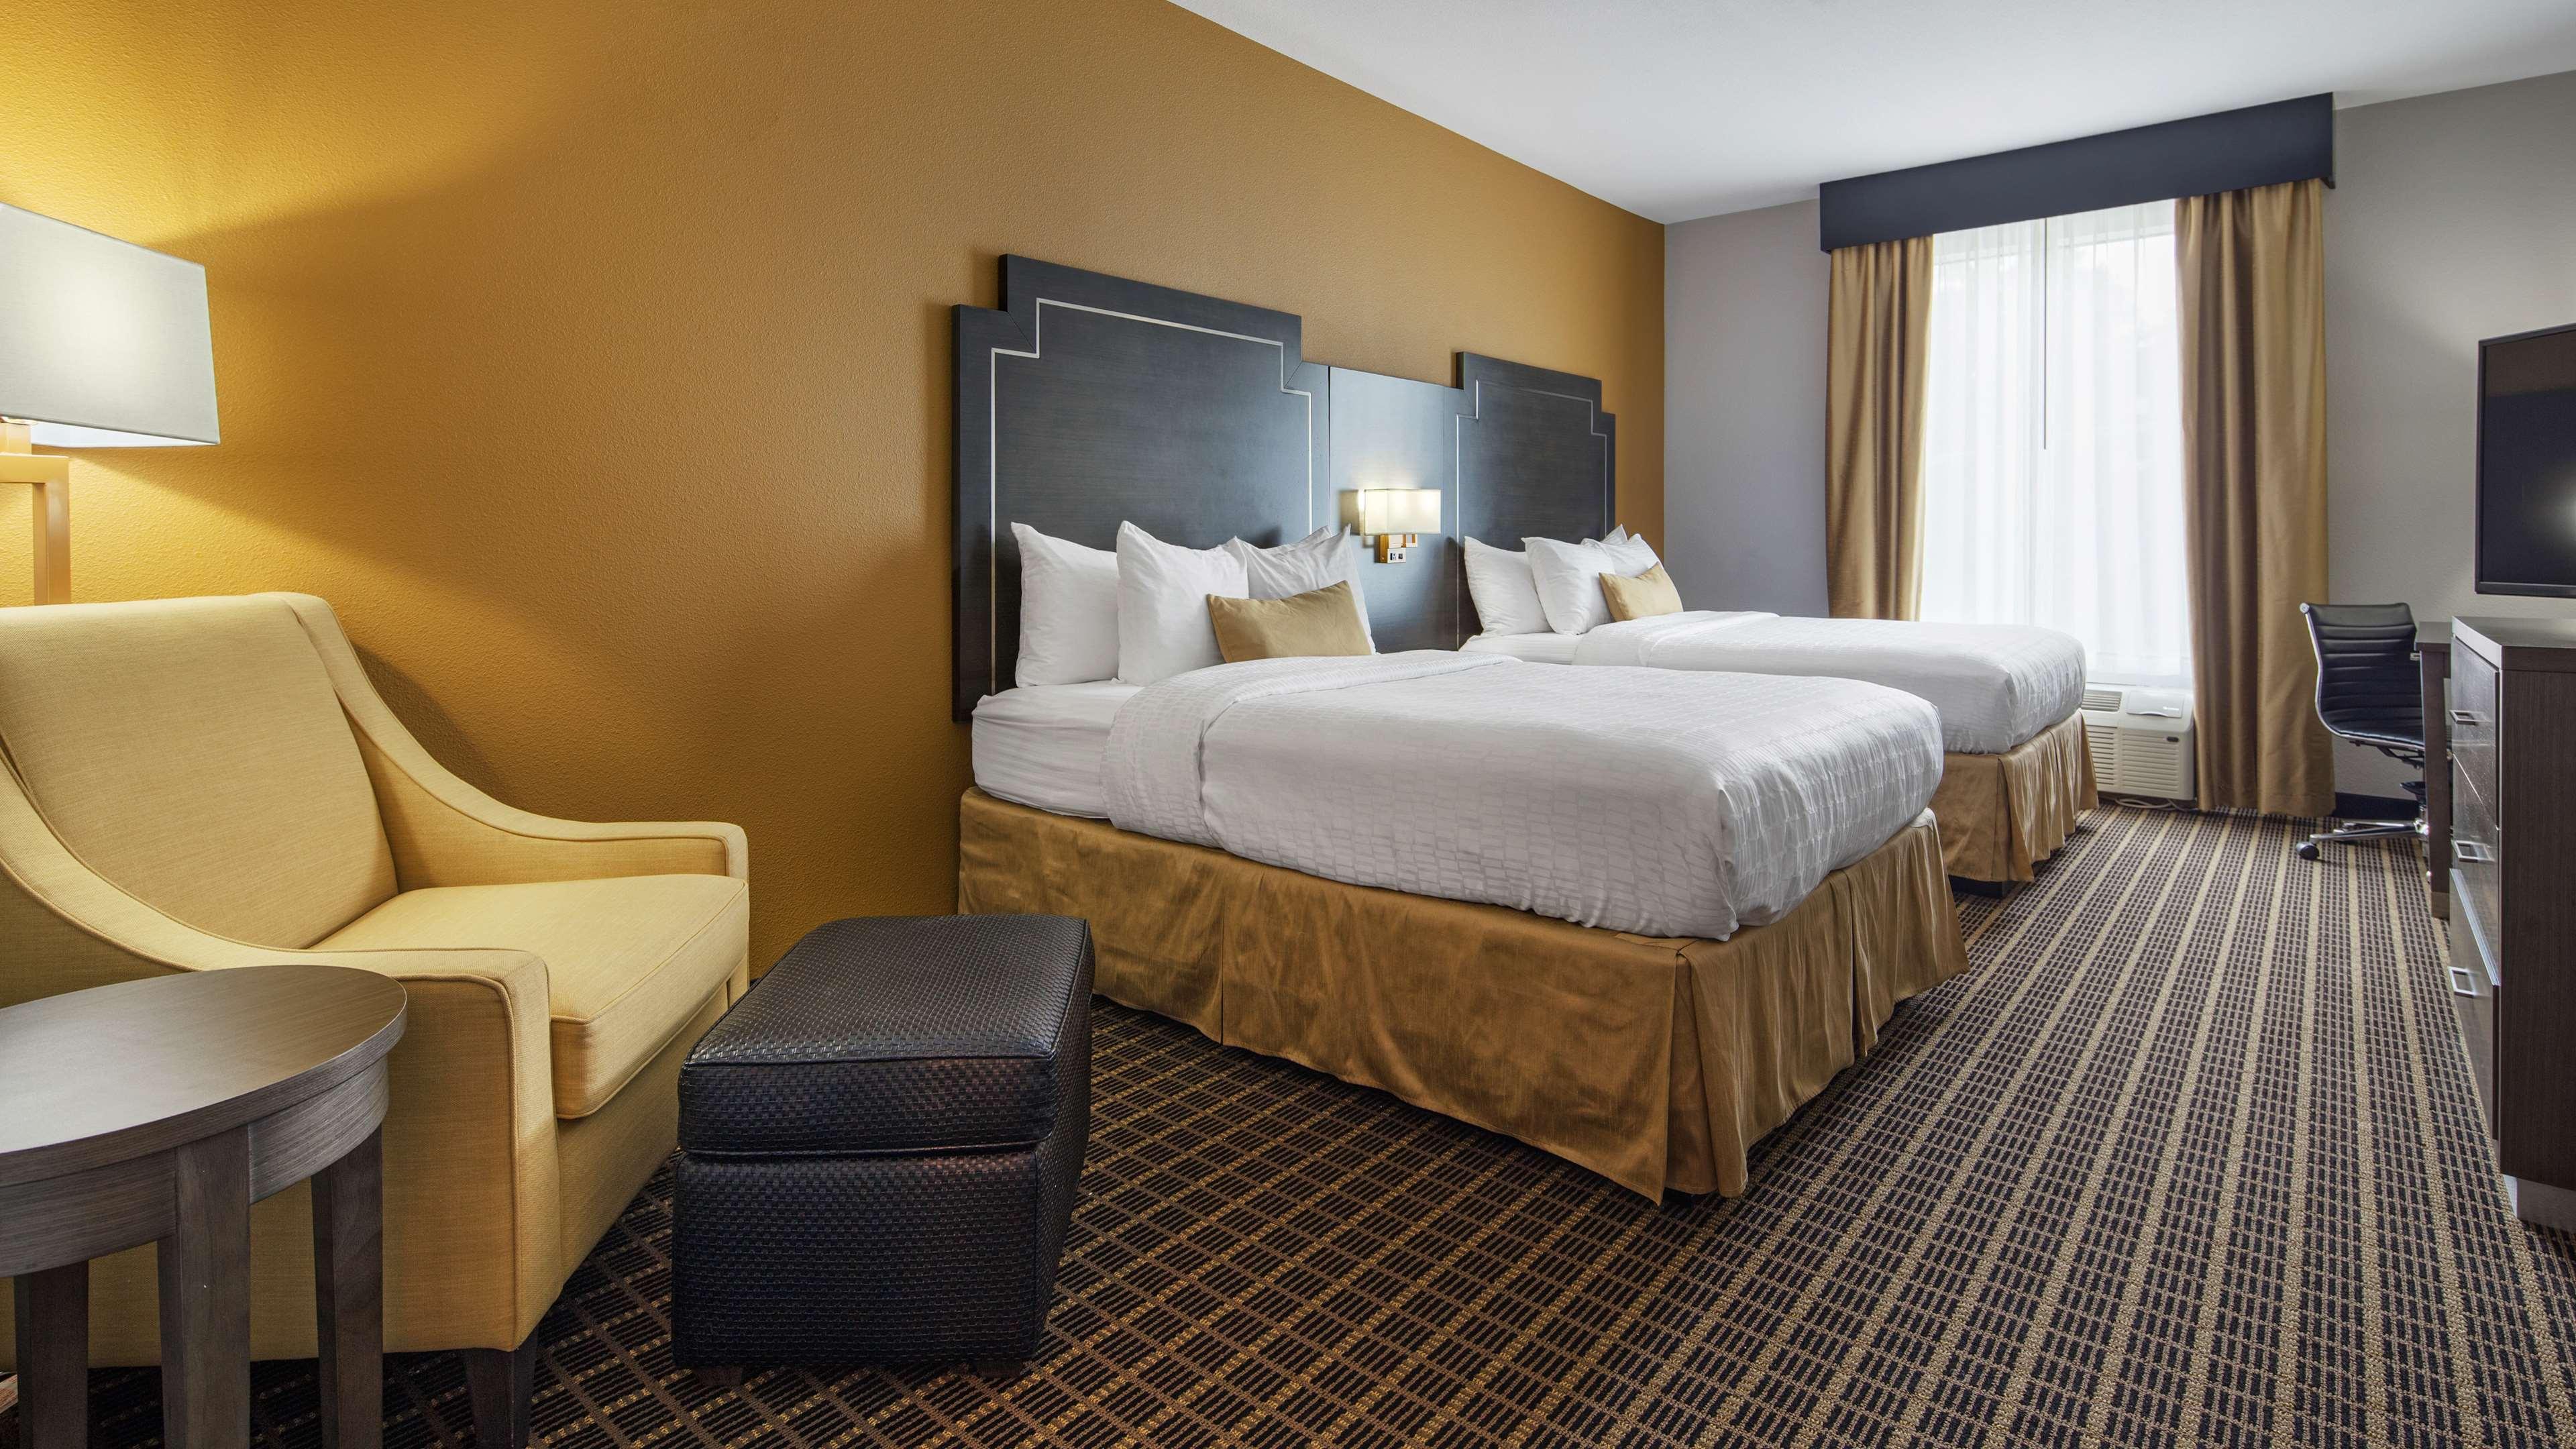 Best Western Plus Regency Park Hotel image 46